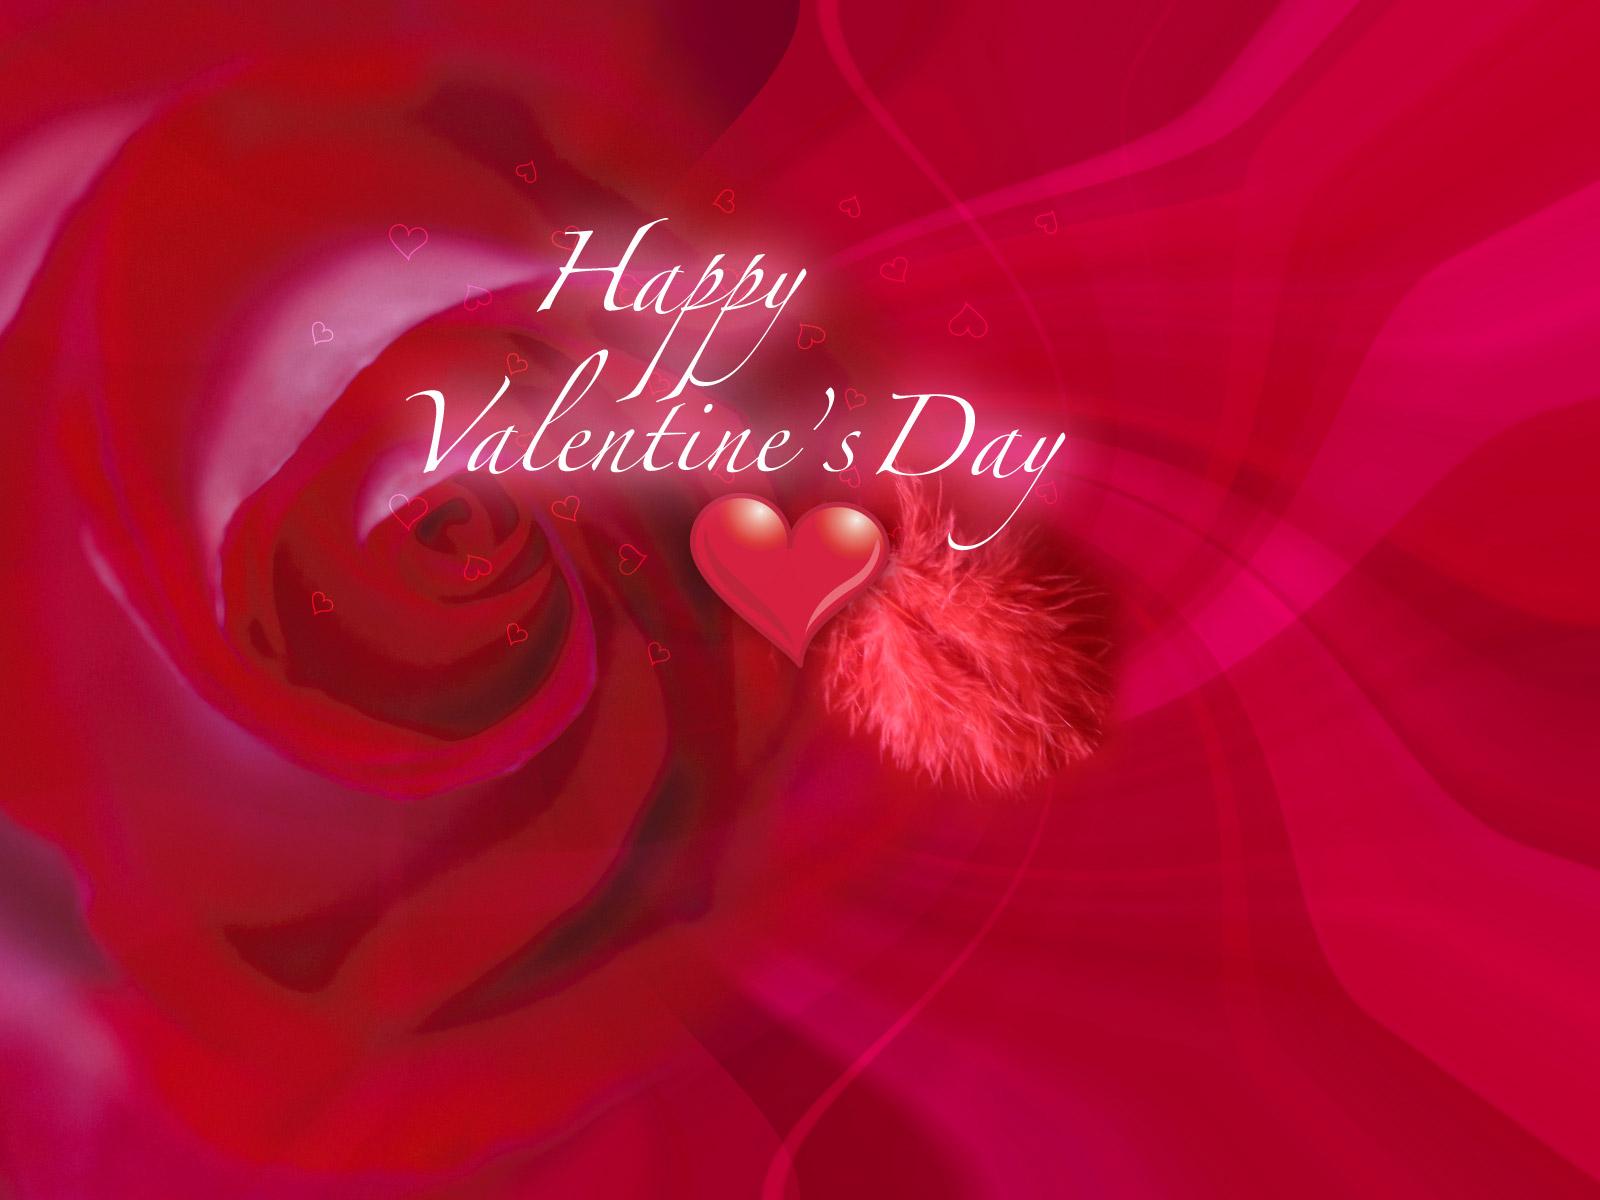 http://2.bp.blogspot.com/-bomOUFUixAI/TzqV0fOhp-I/AAAAAAAAAzg/ipVJZ0JW1JU/s1600/romantic-valentine-wallpaper.jpg